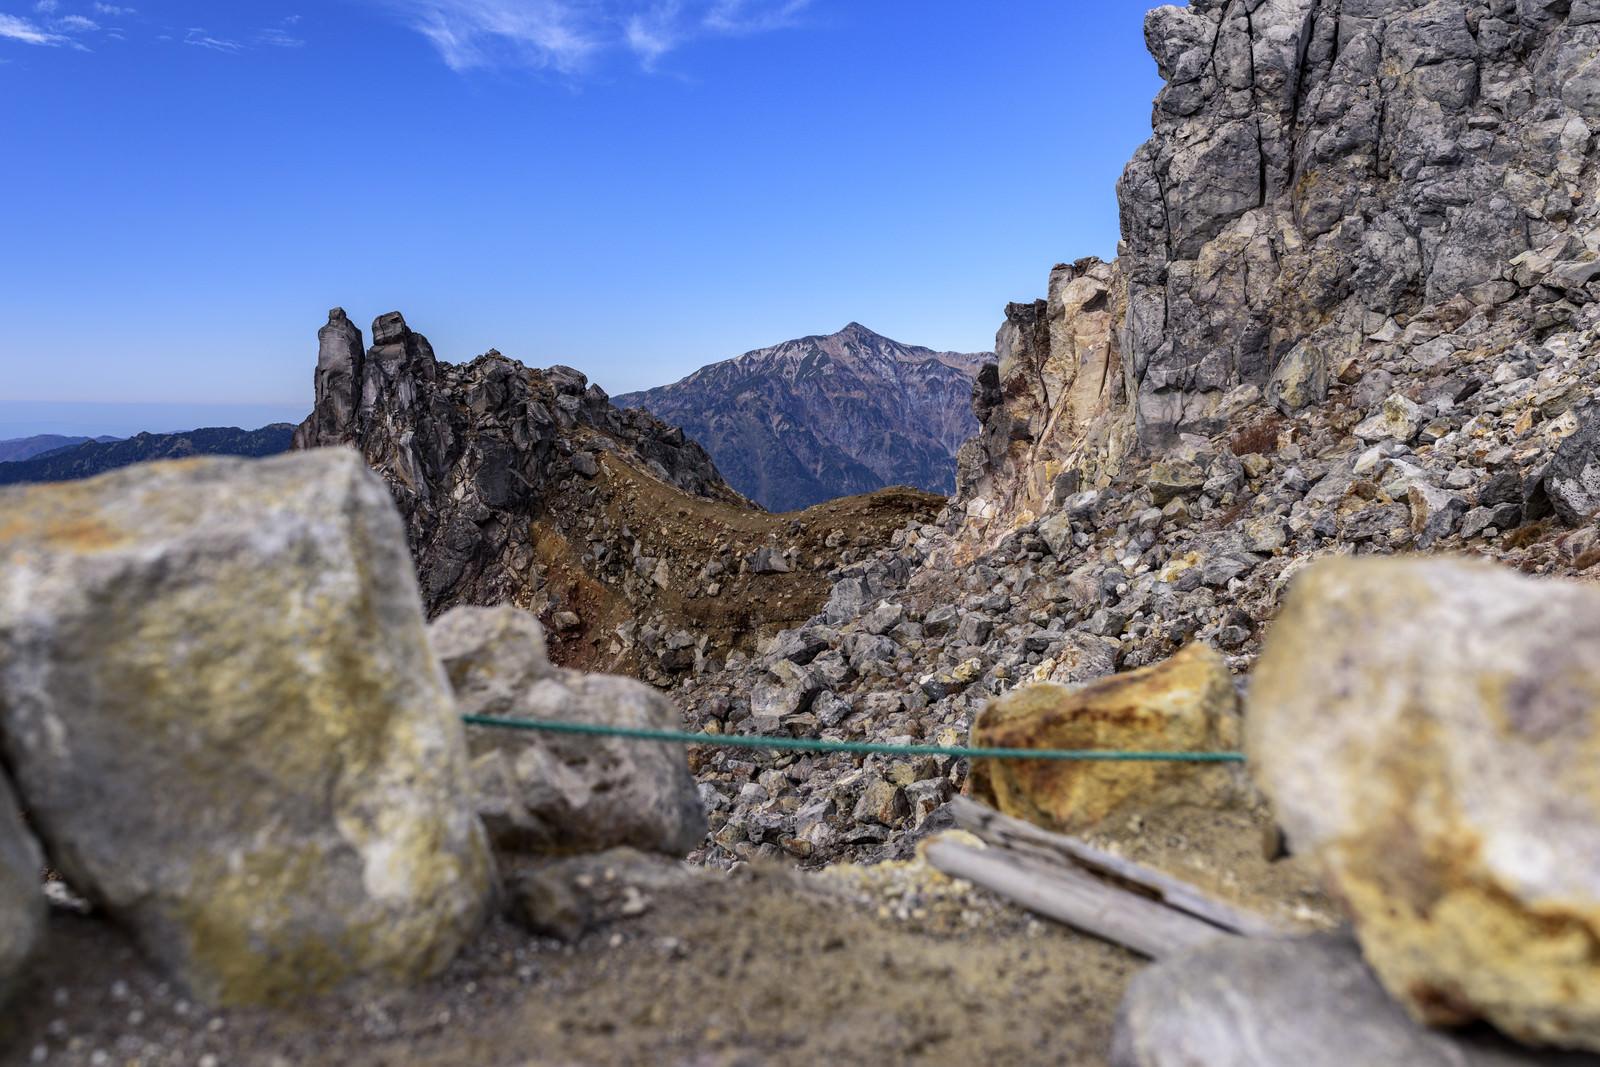 「焼岳から見る笠ヶ岳の岩とロープ(かさがたけ)」の写真